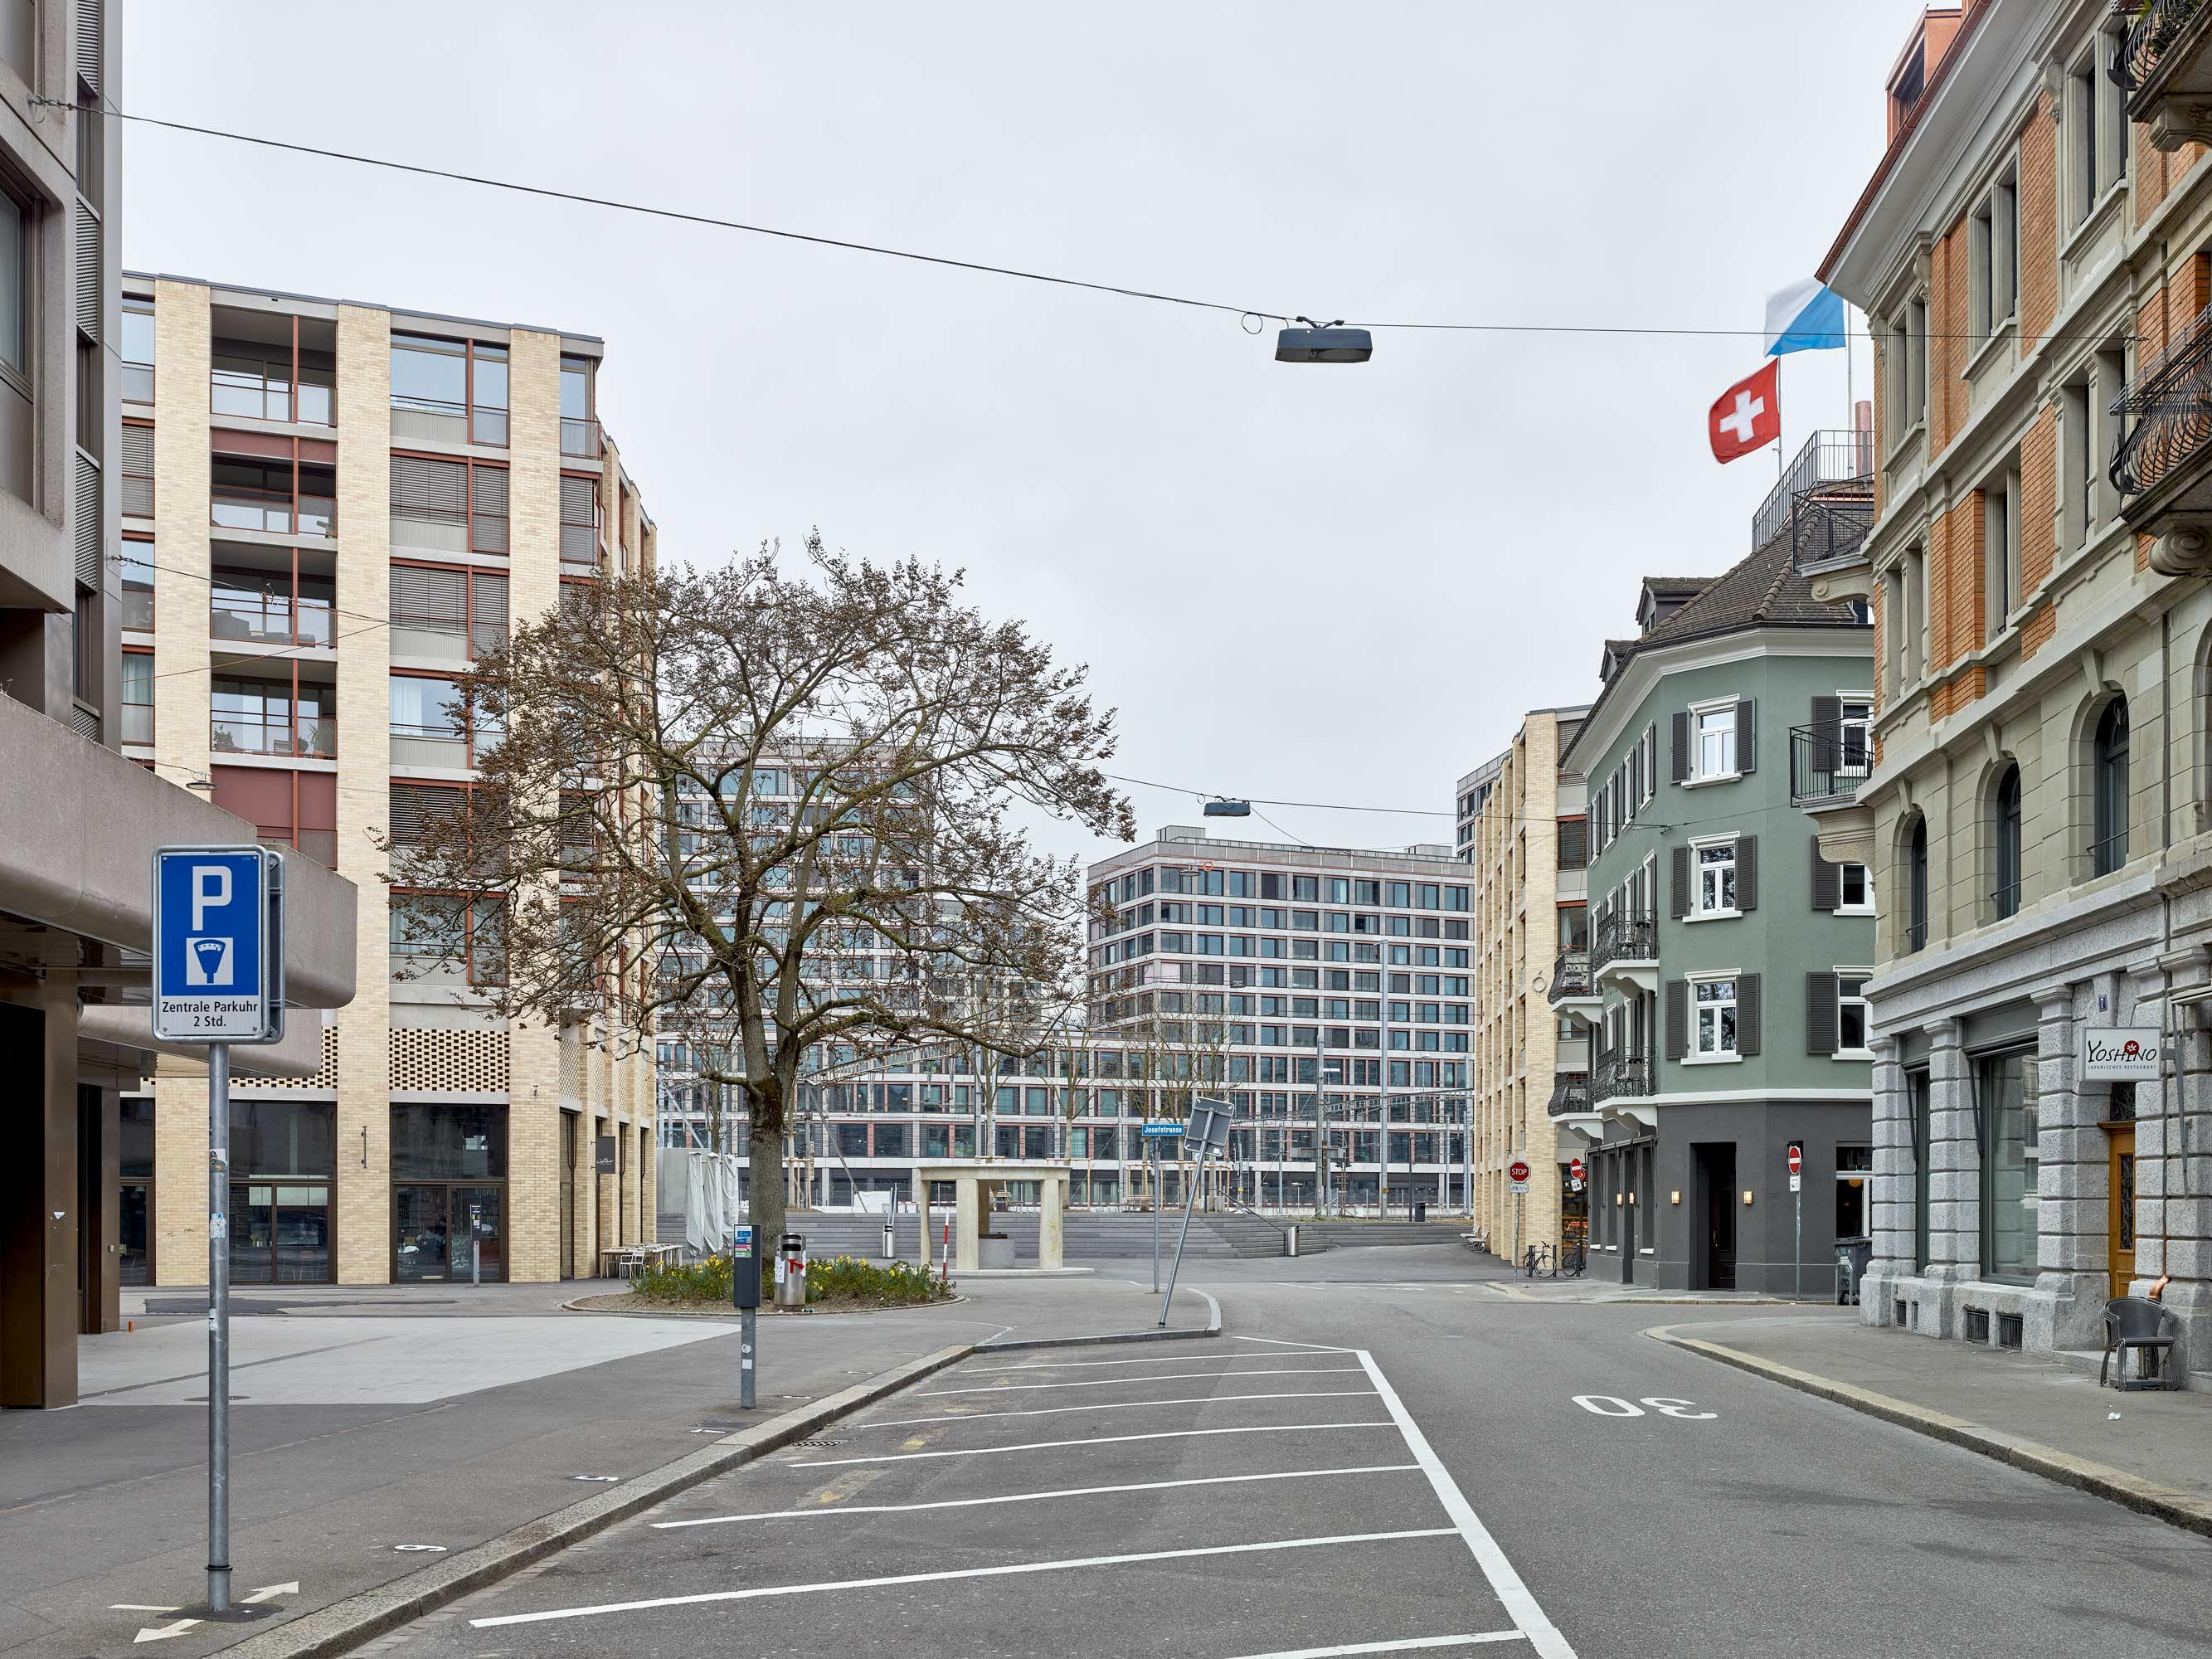 Europaallee Zürich - aussen  2/8